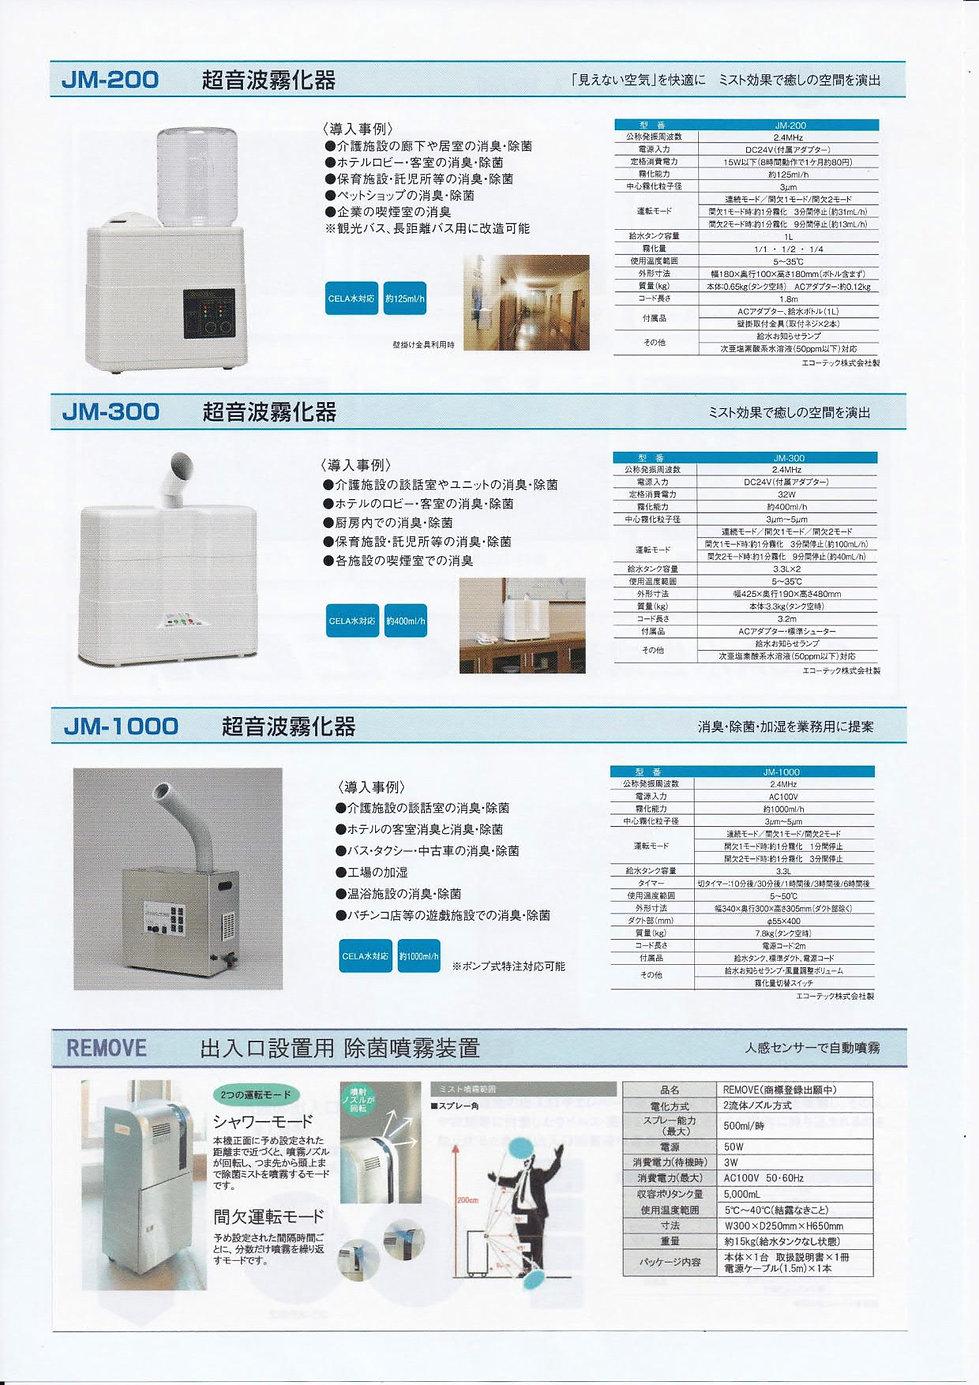 CELAパンフレット3.jpg